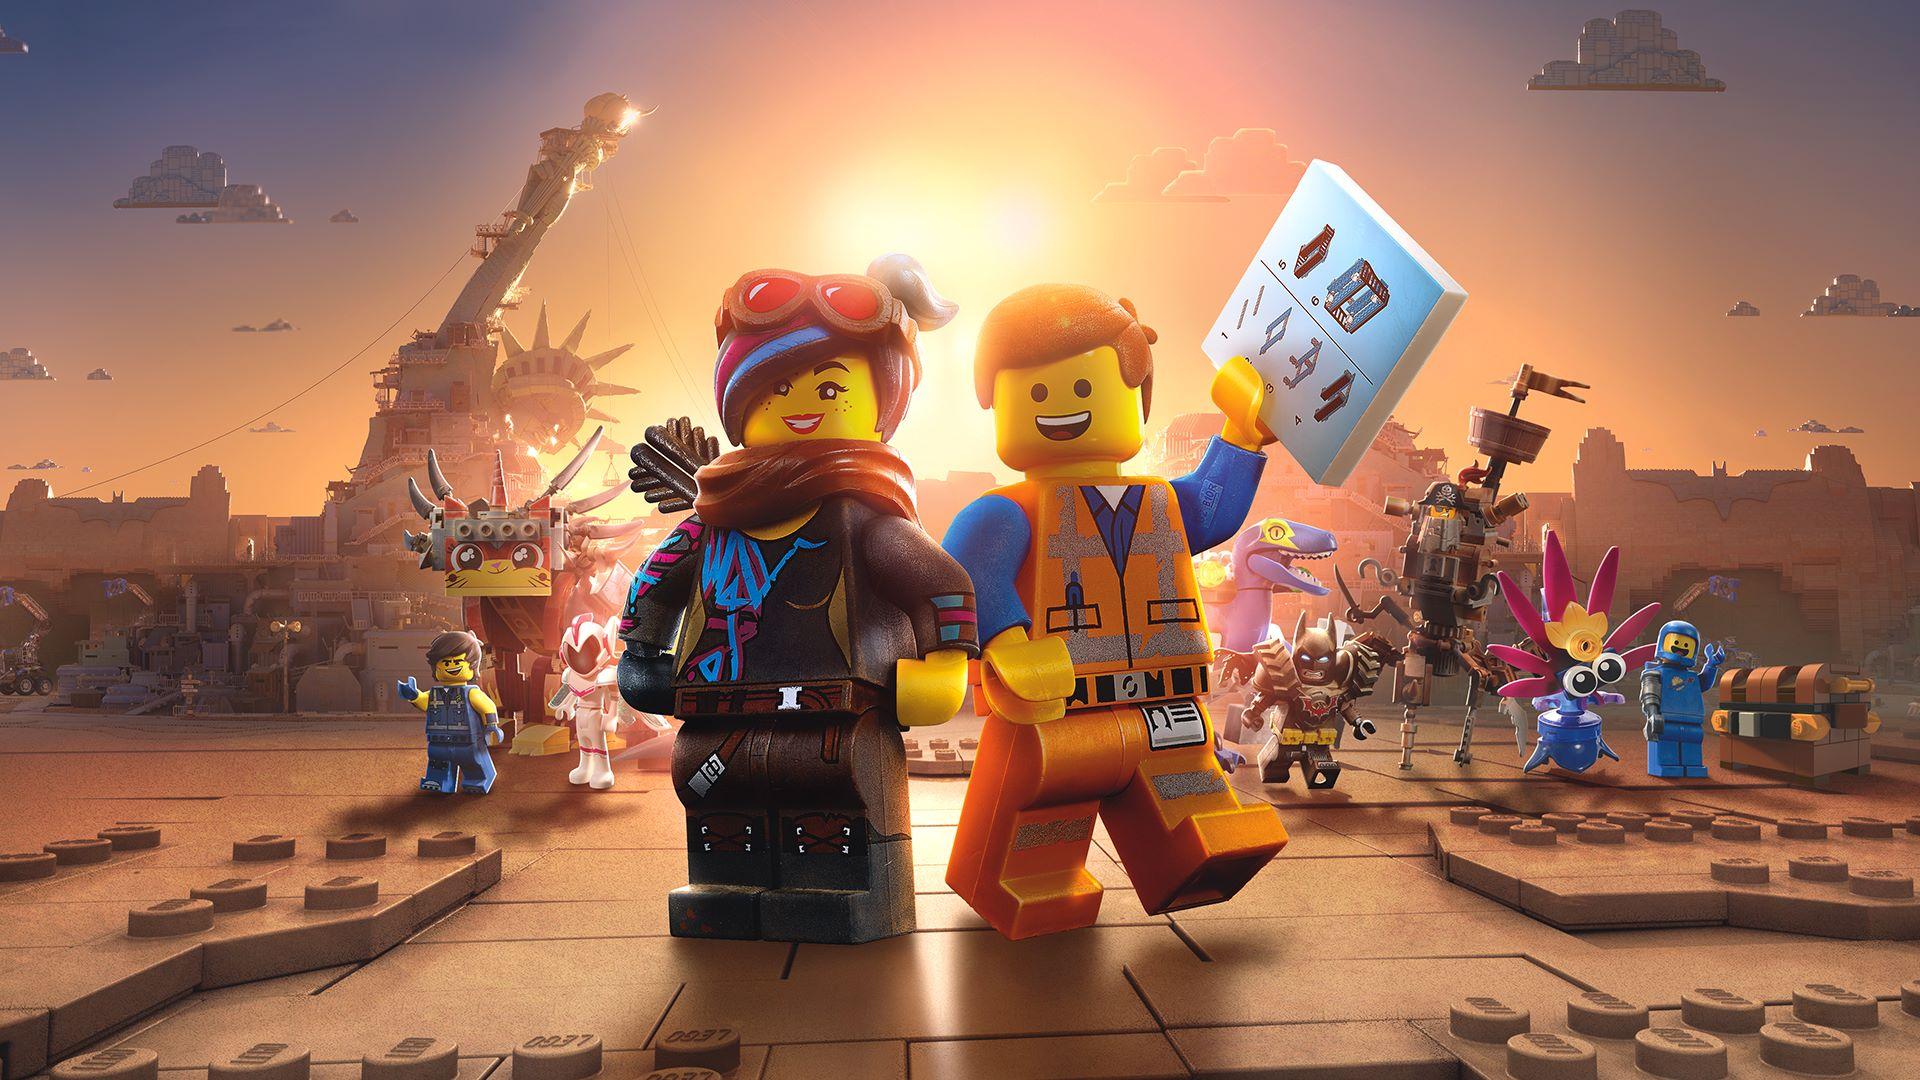 Uma Aventura Lego 2: O espaço não é o limite!